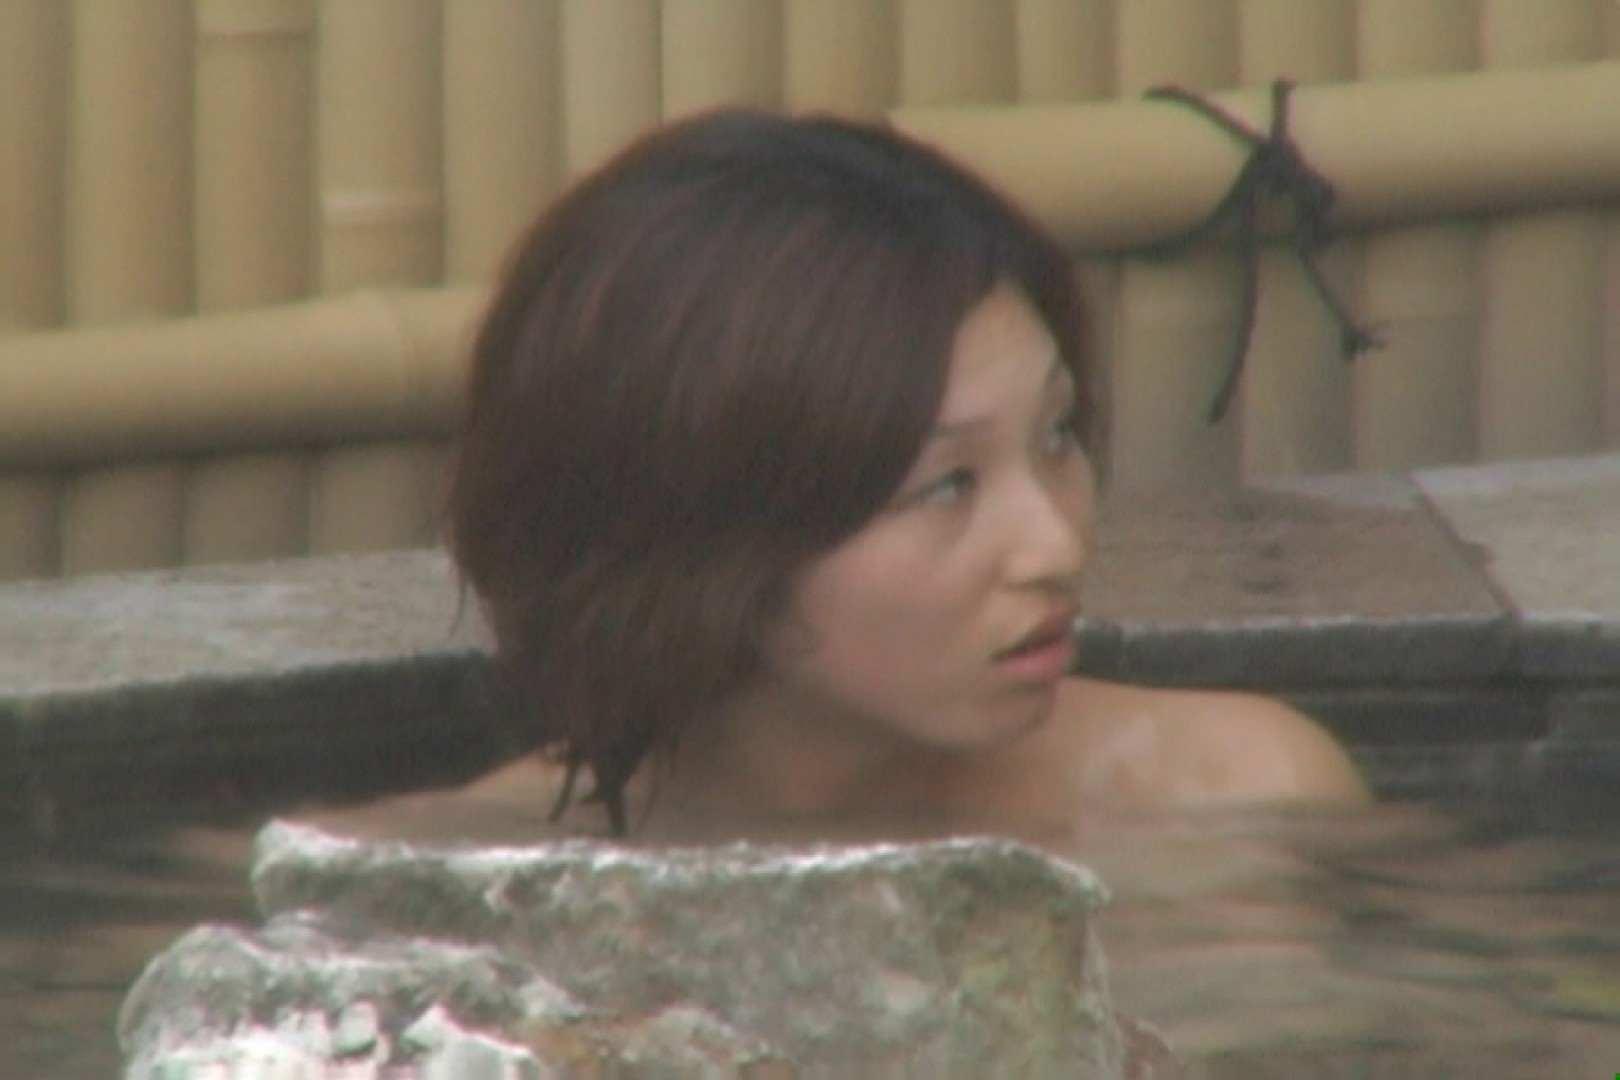 Aquaな露天風呂Vol.610 OLハメ撮り  74Pix 59